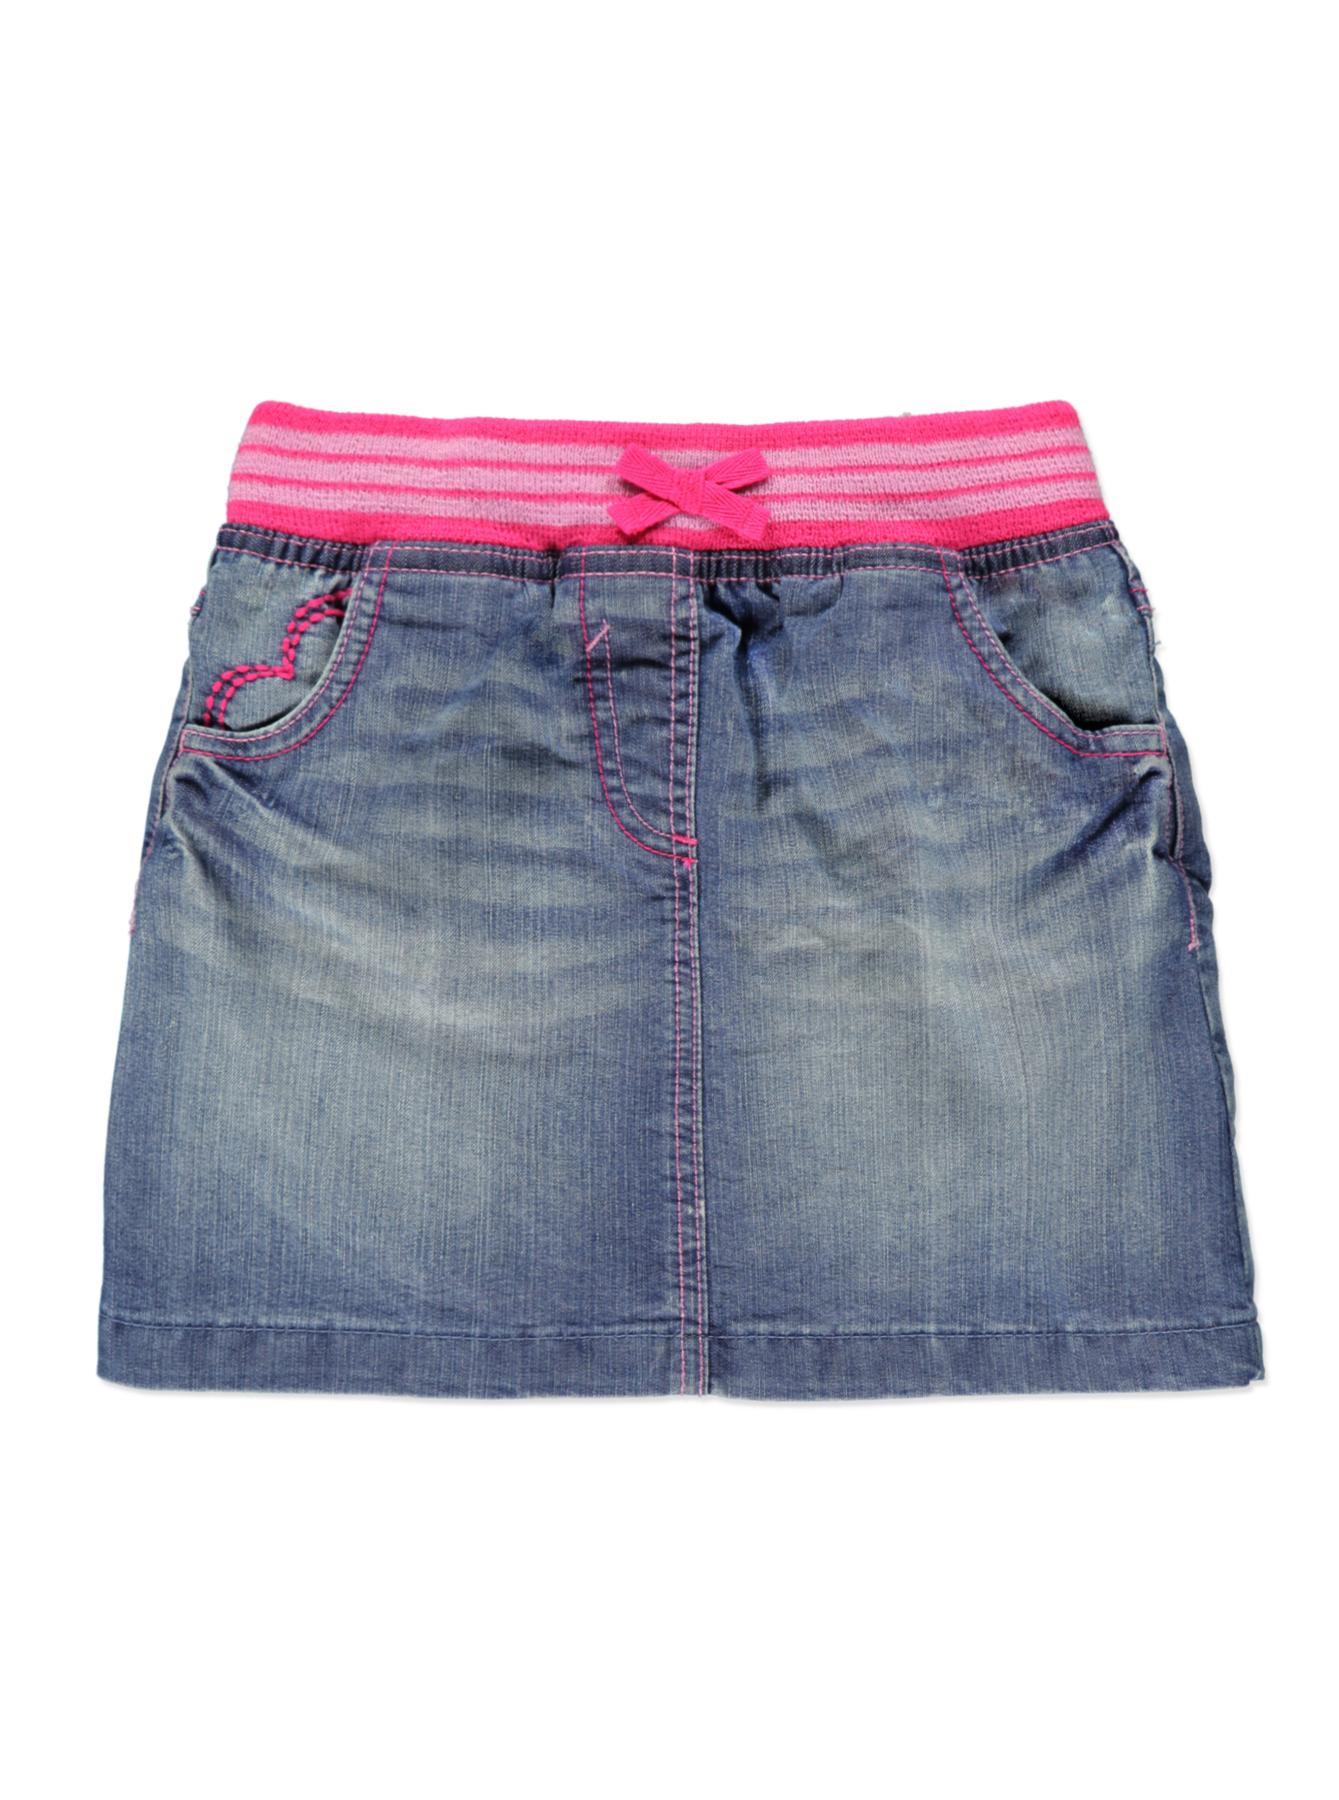 Как сшить джинсовую юбку для девочки из старых джинсов 31